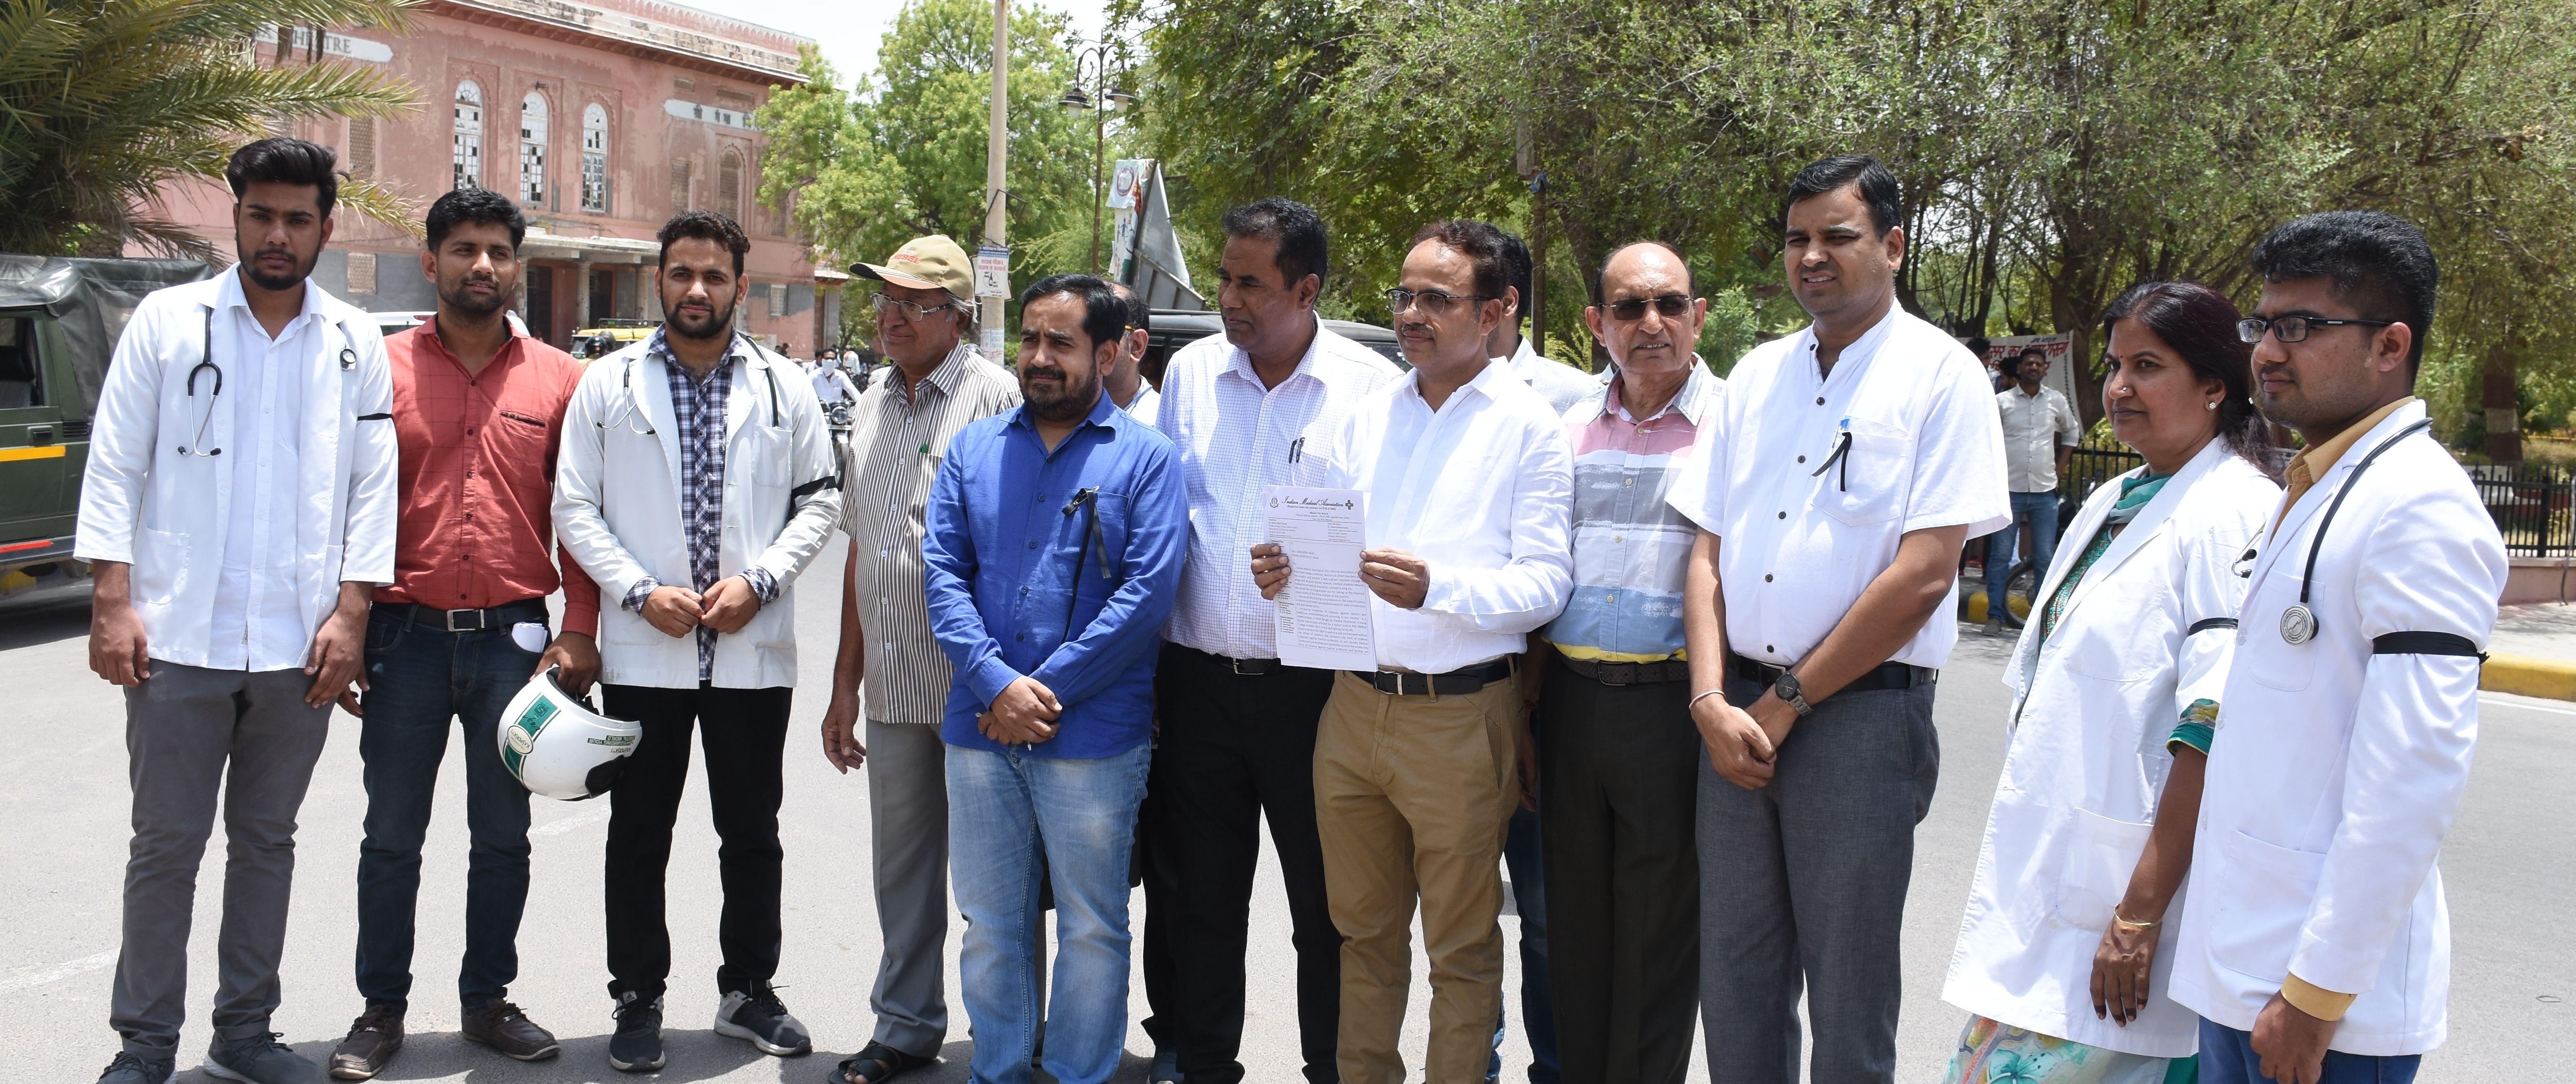 कोलकाता में रेजीडेंट्स से मारपीट का बीकानेर में भी विरोध